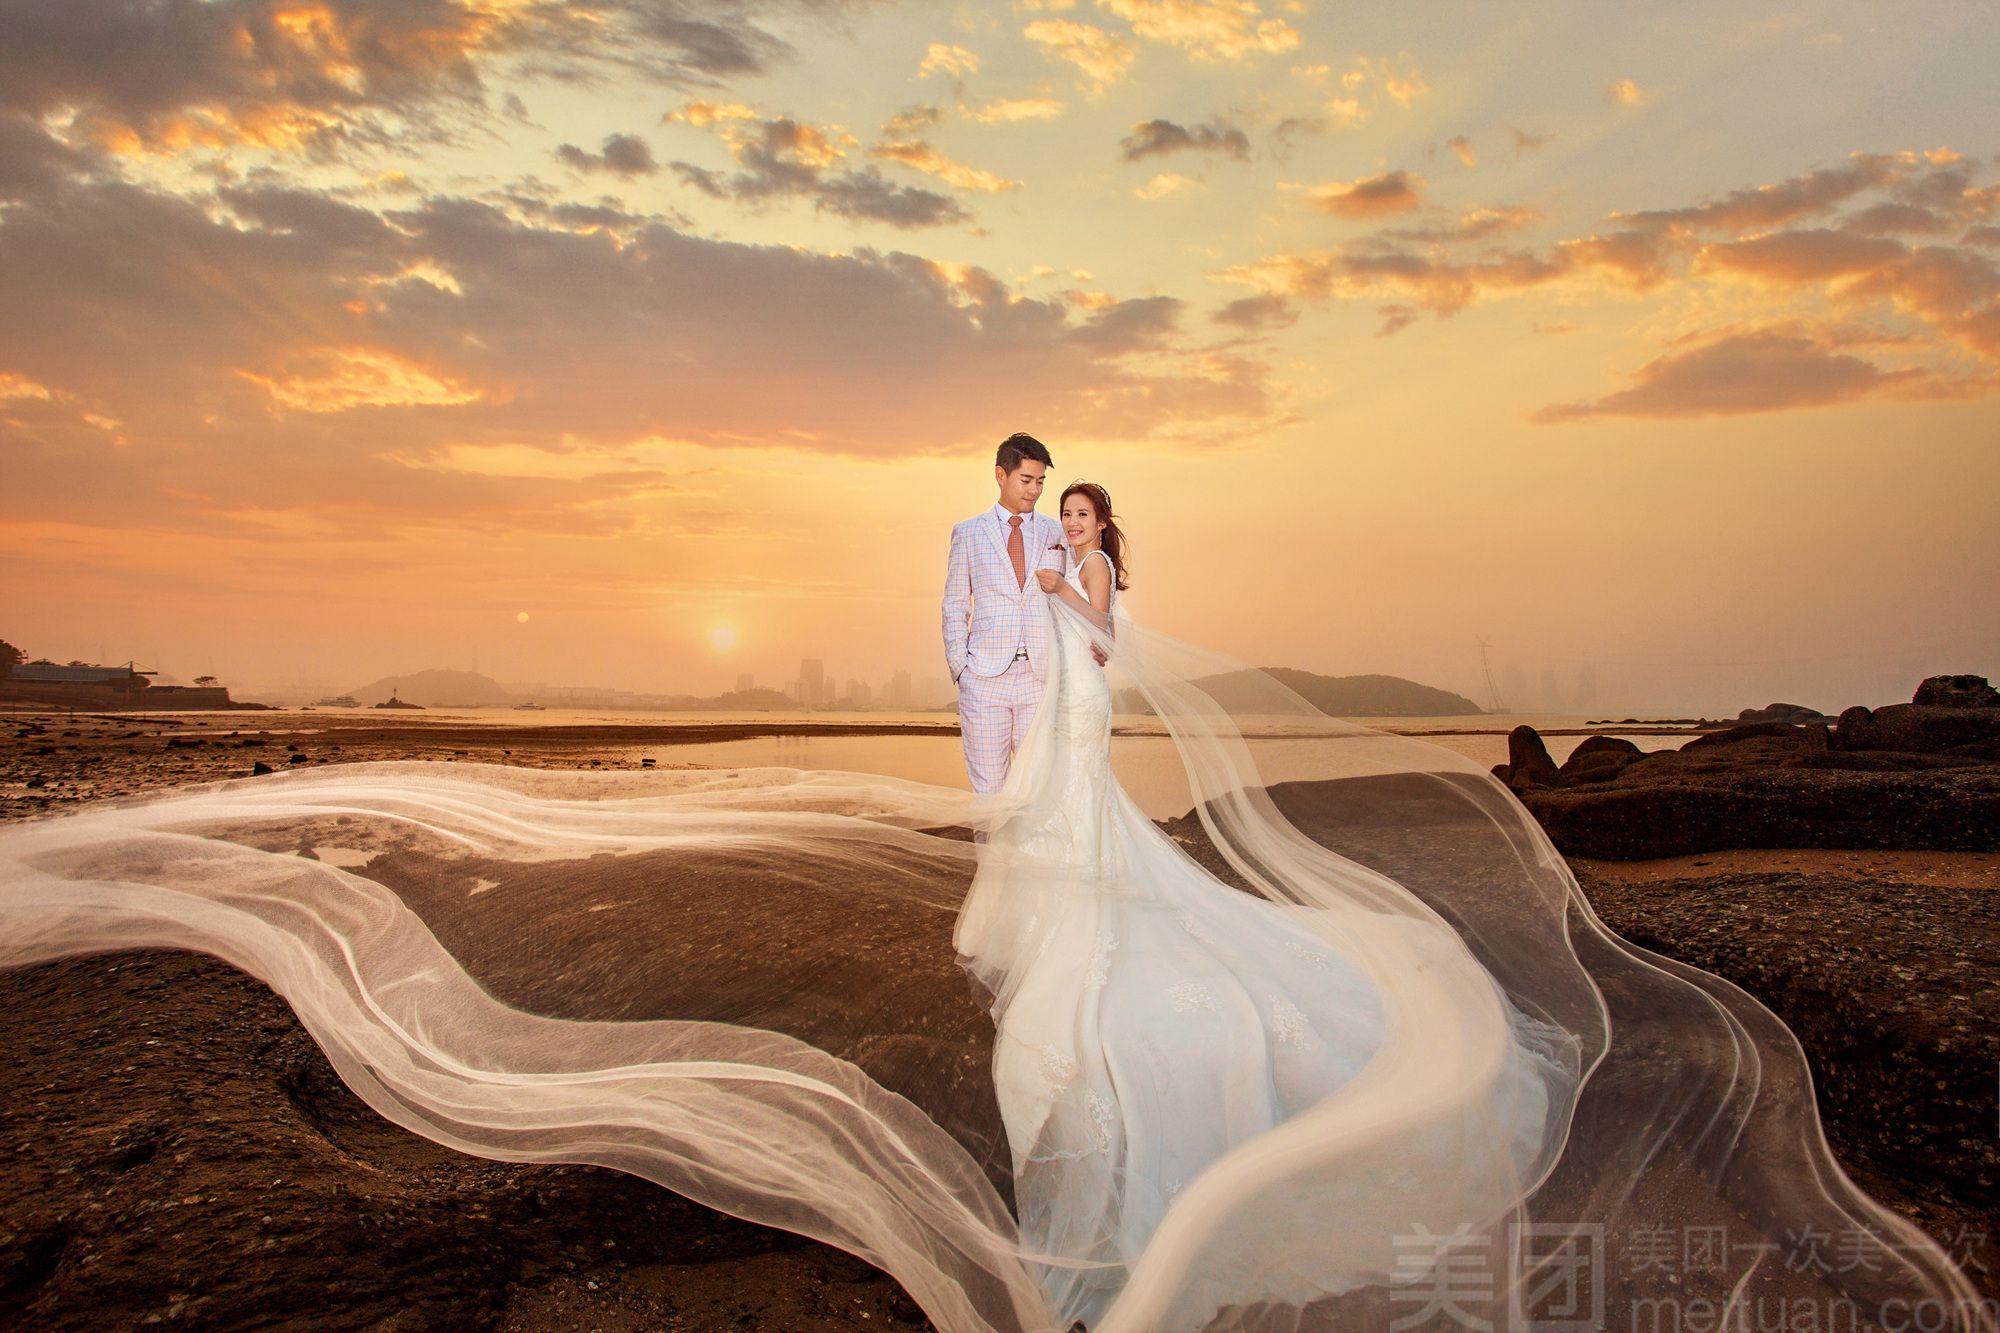 夏威夷婚纱摄影高端定制